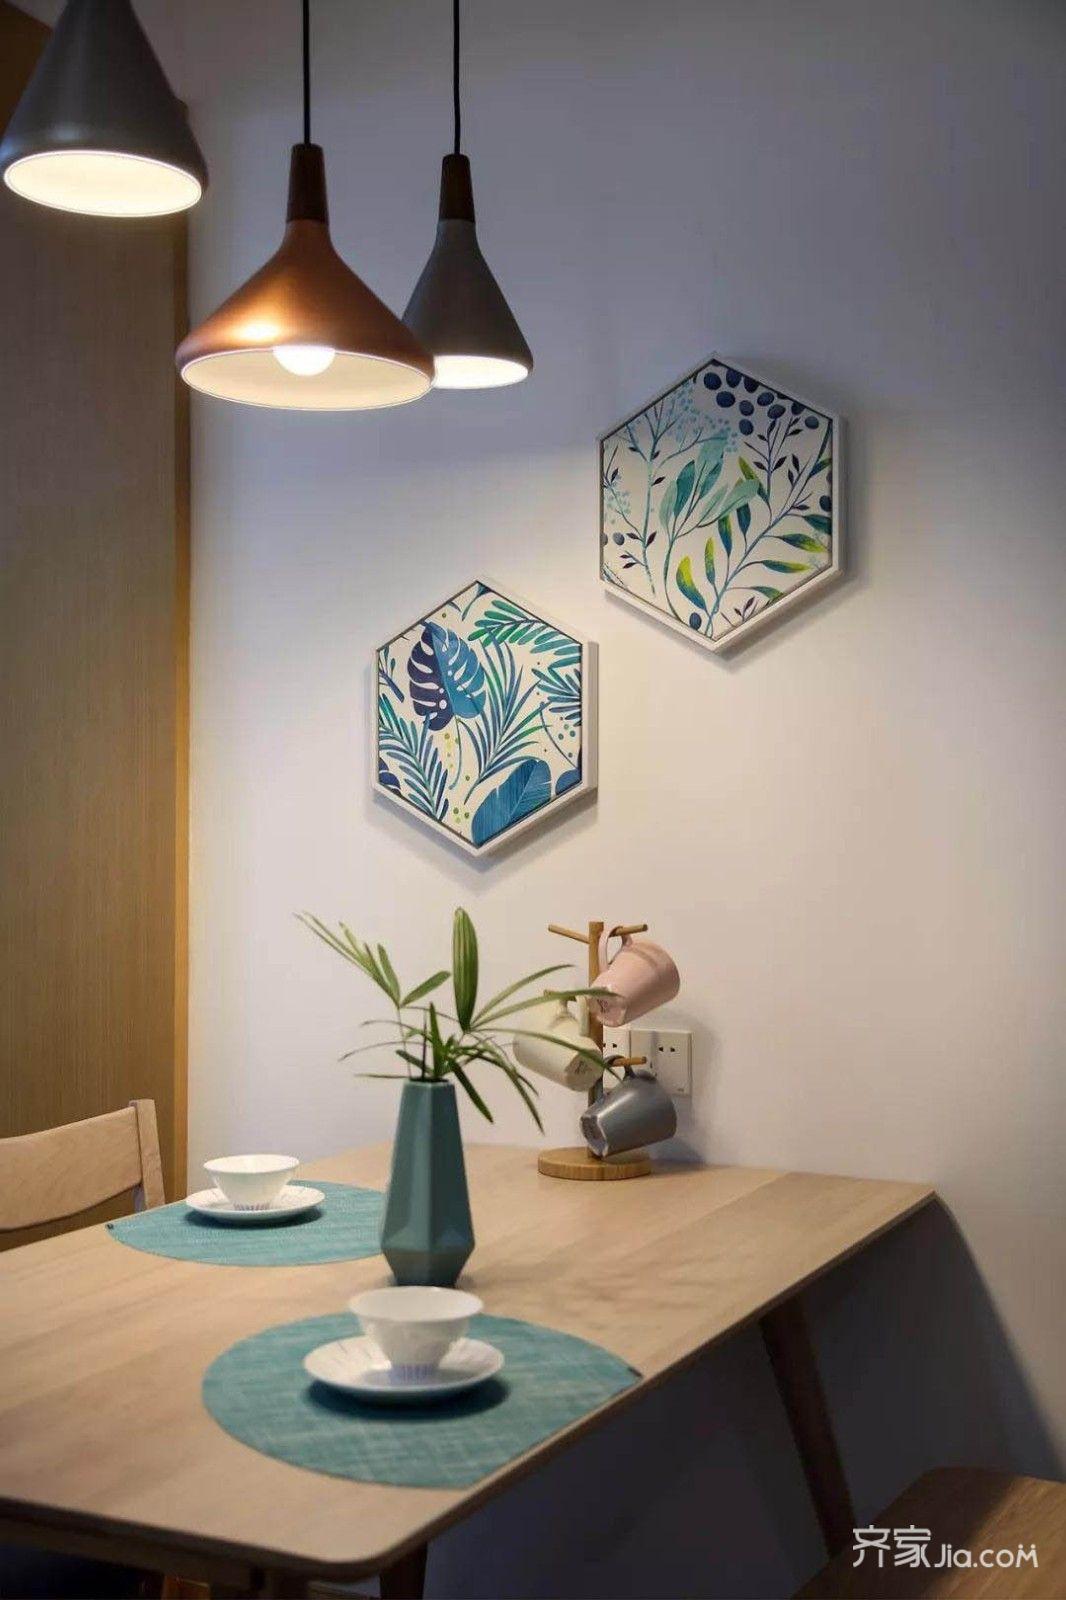 留白墙面与对称木色饰带形成背景,六边形装饰画与餐桌布置协调搭配.图片